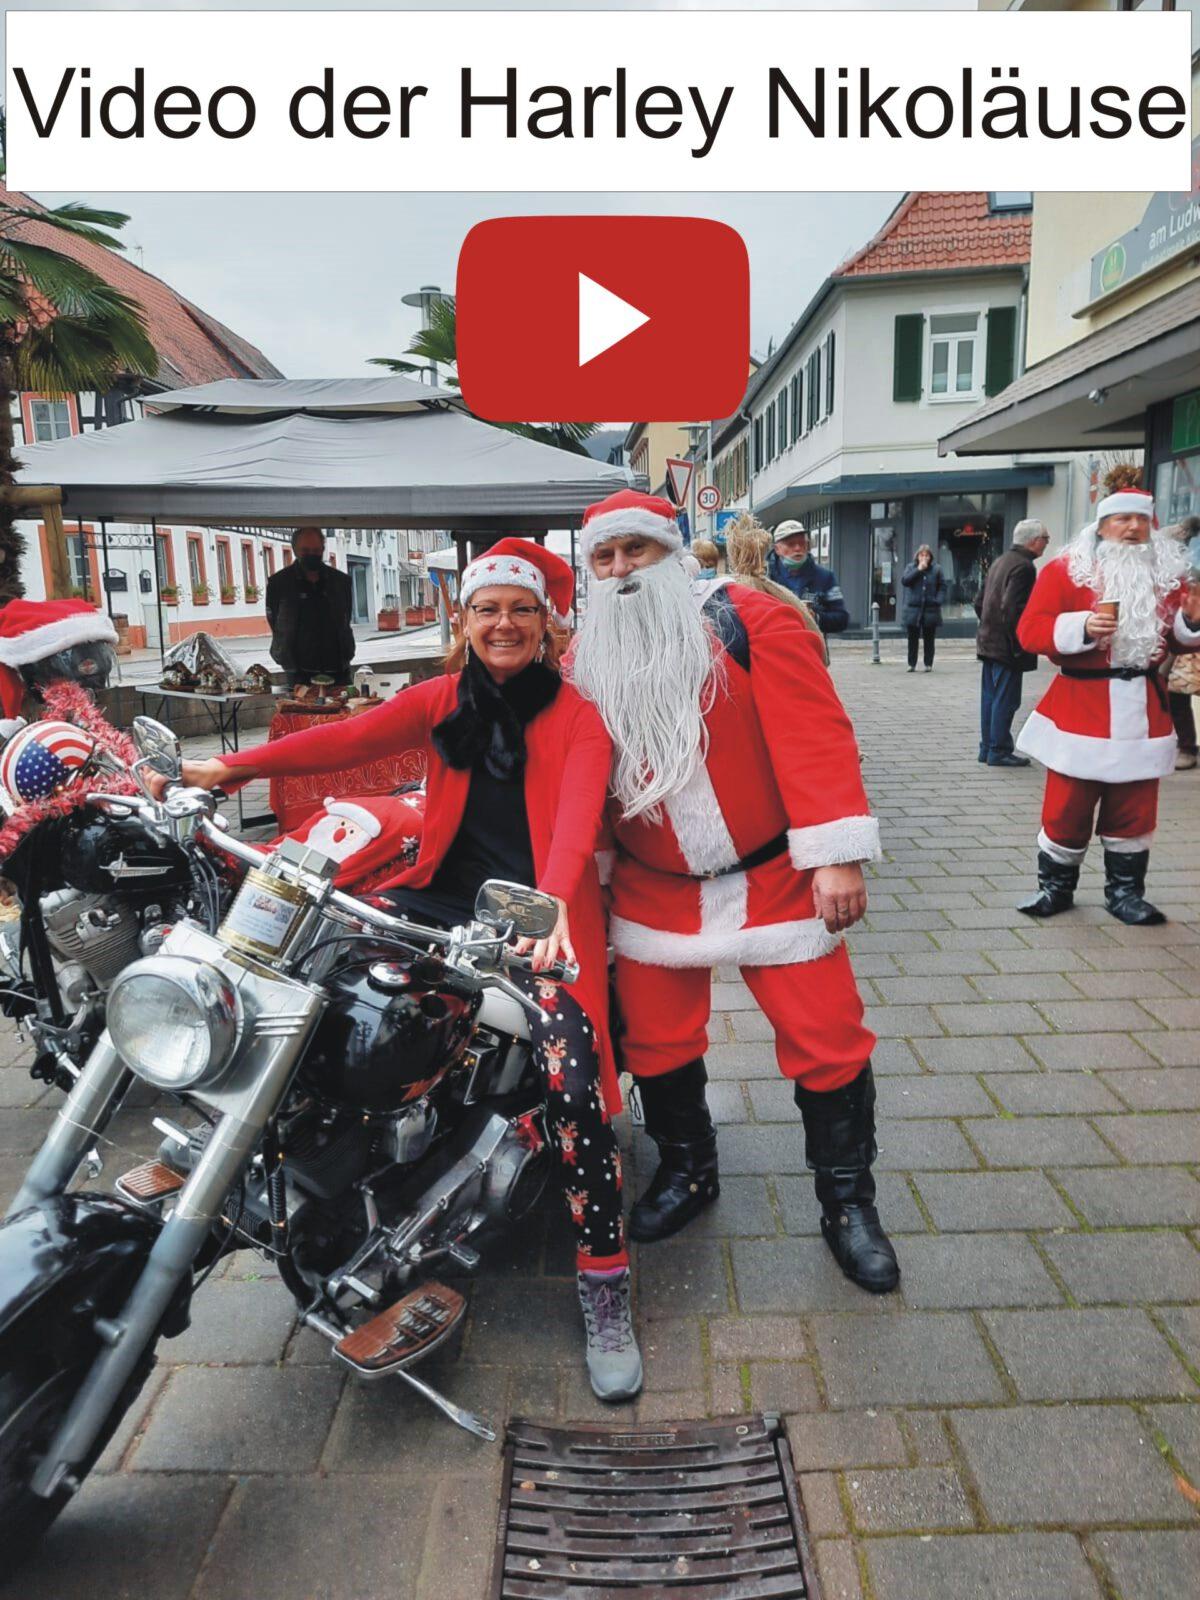 Video der Harley Nikoläuse